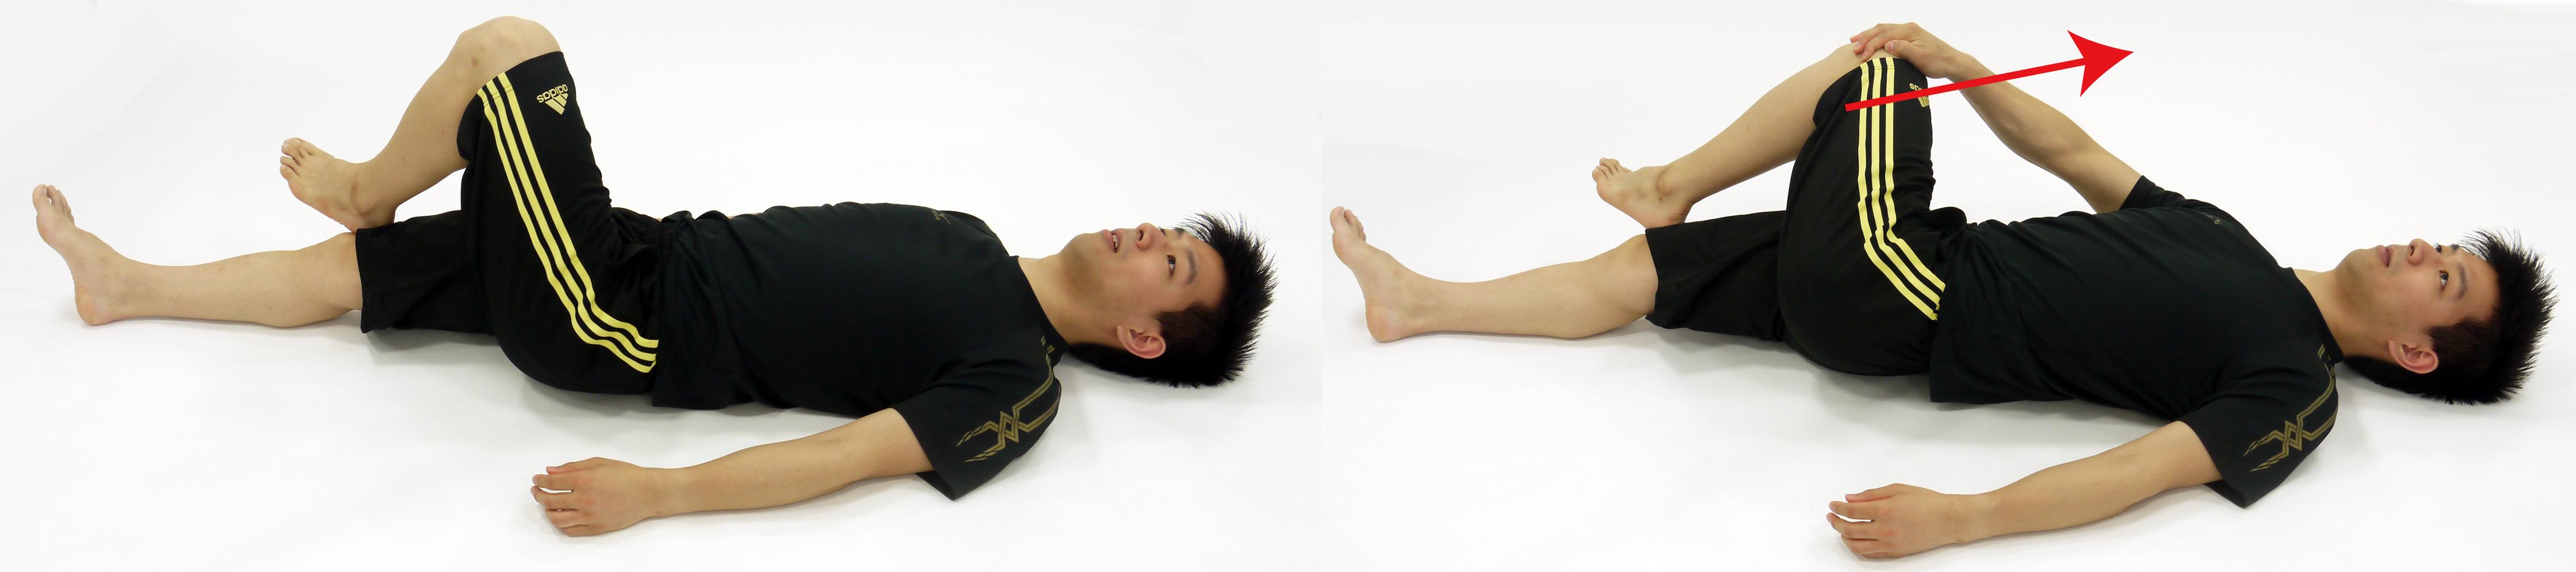 美容師の腰痛対策のストレッチ